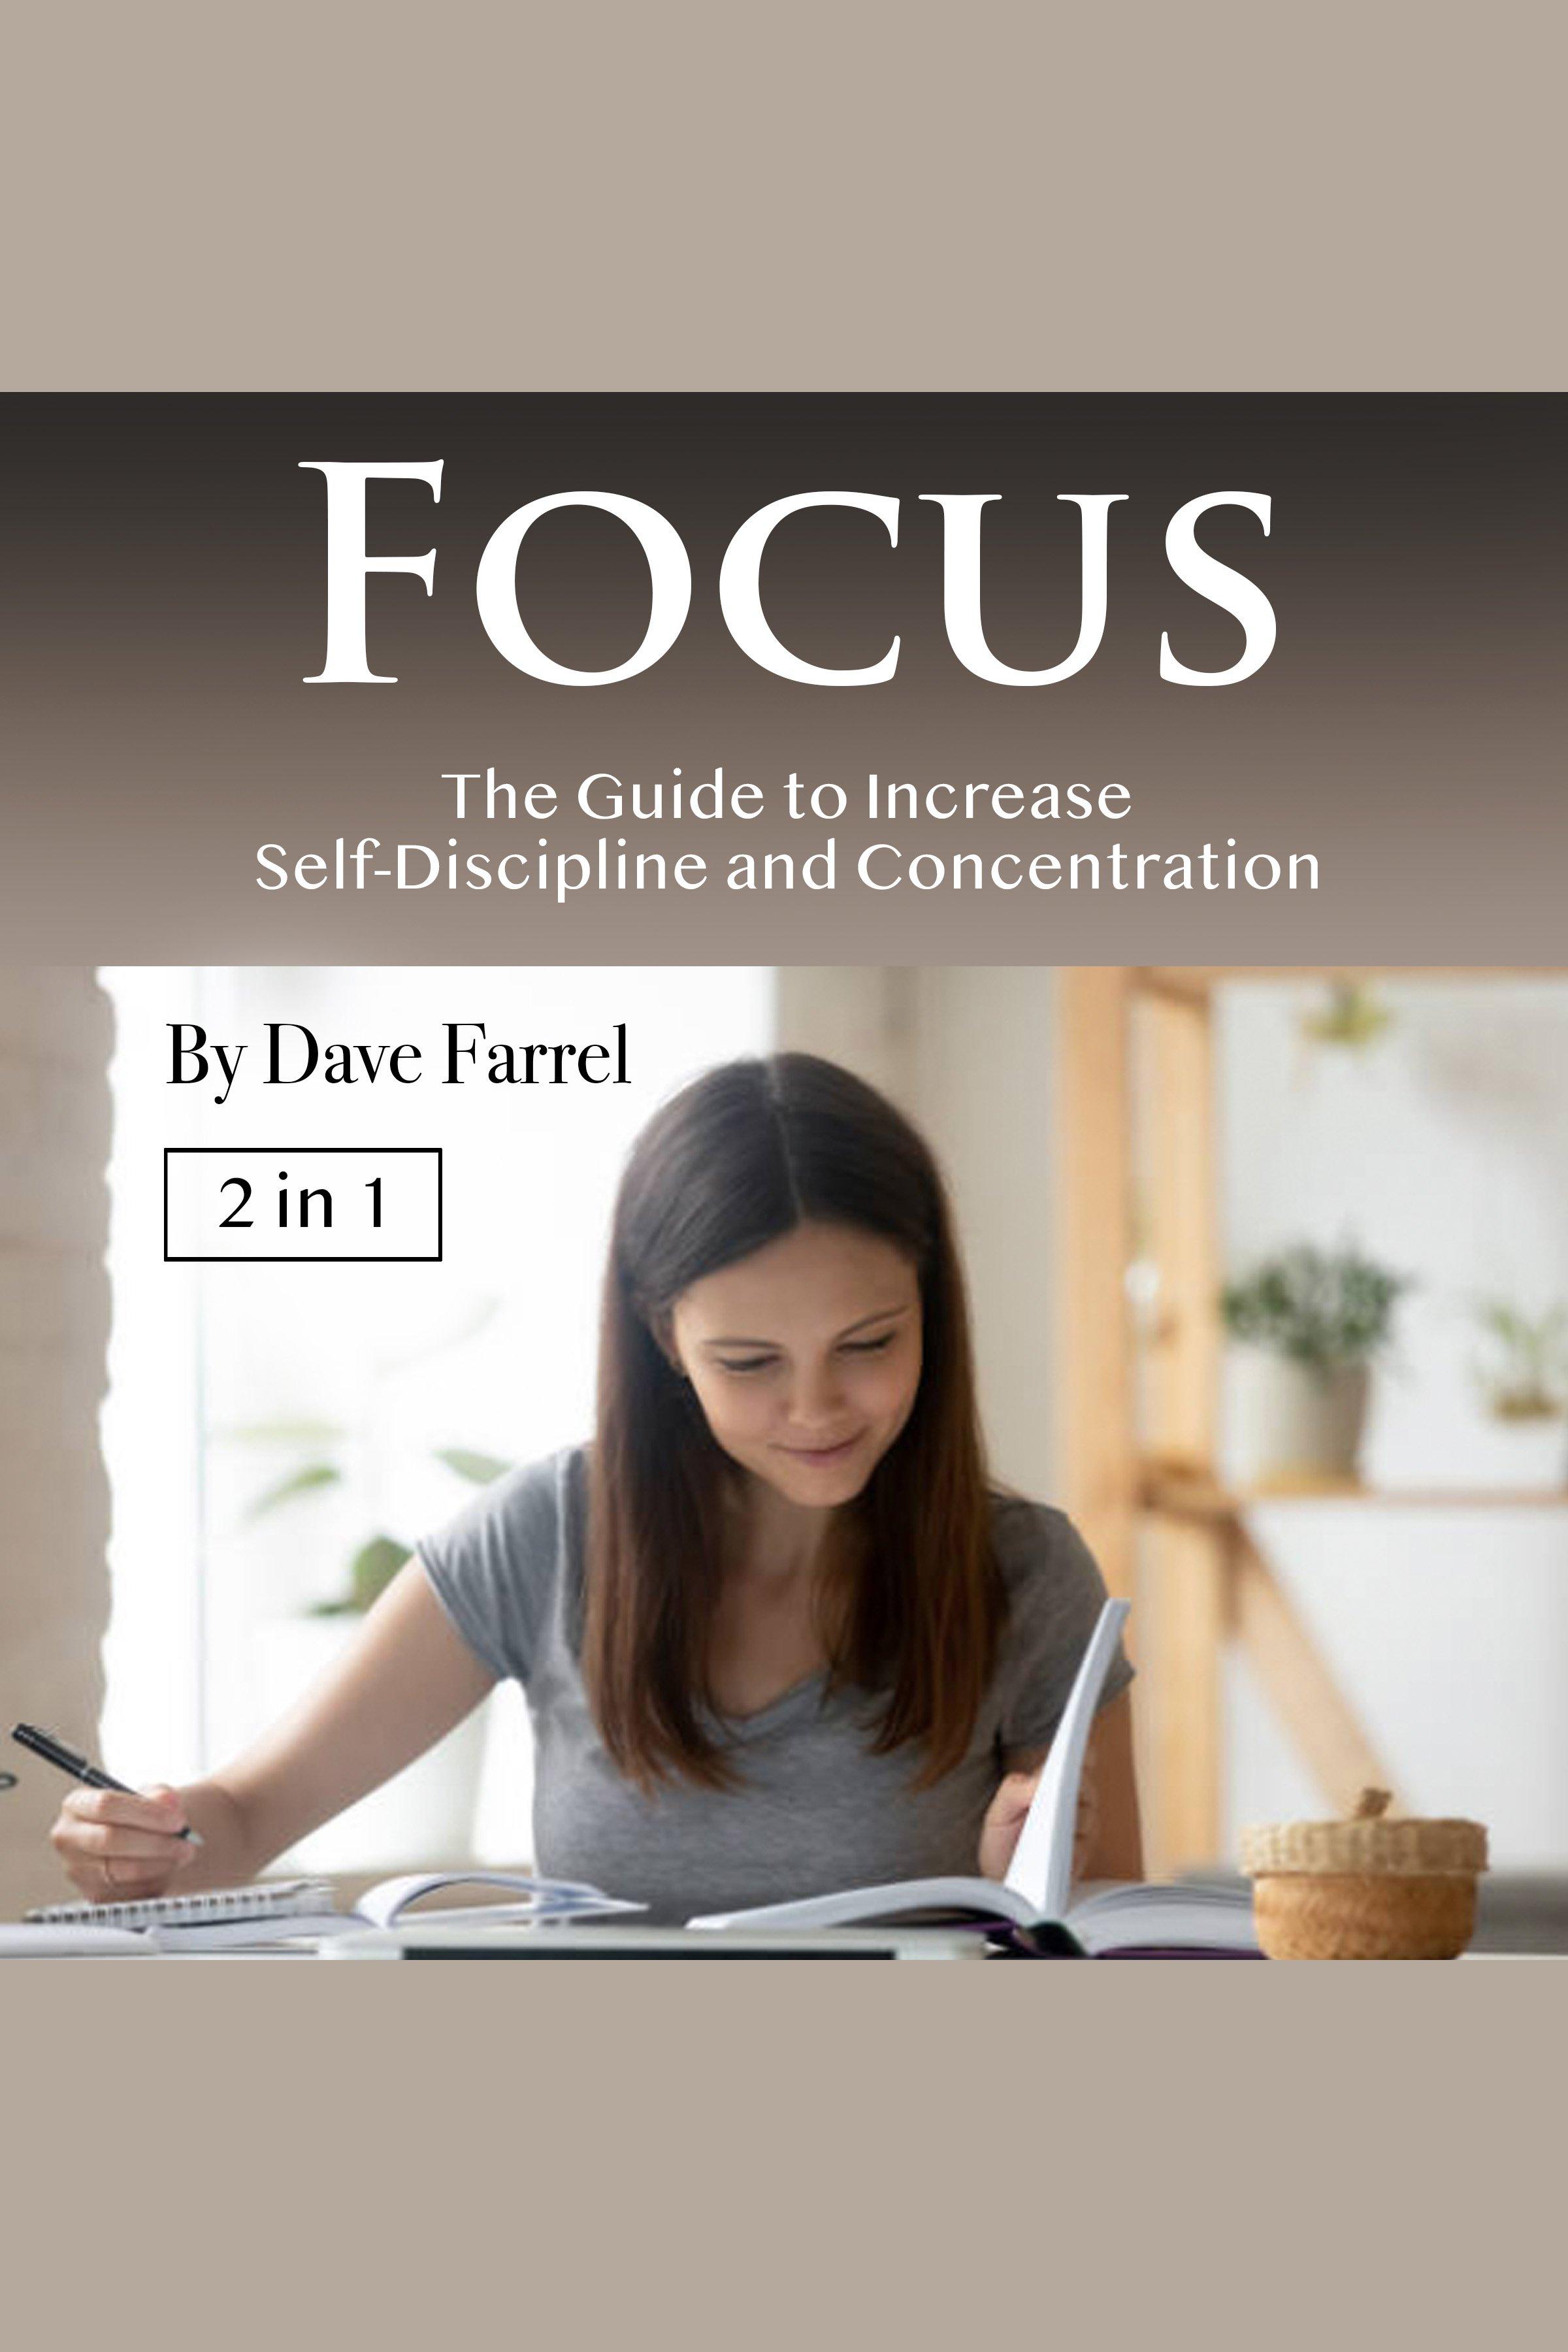 Esta es la portada del audiolibro Focus